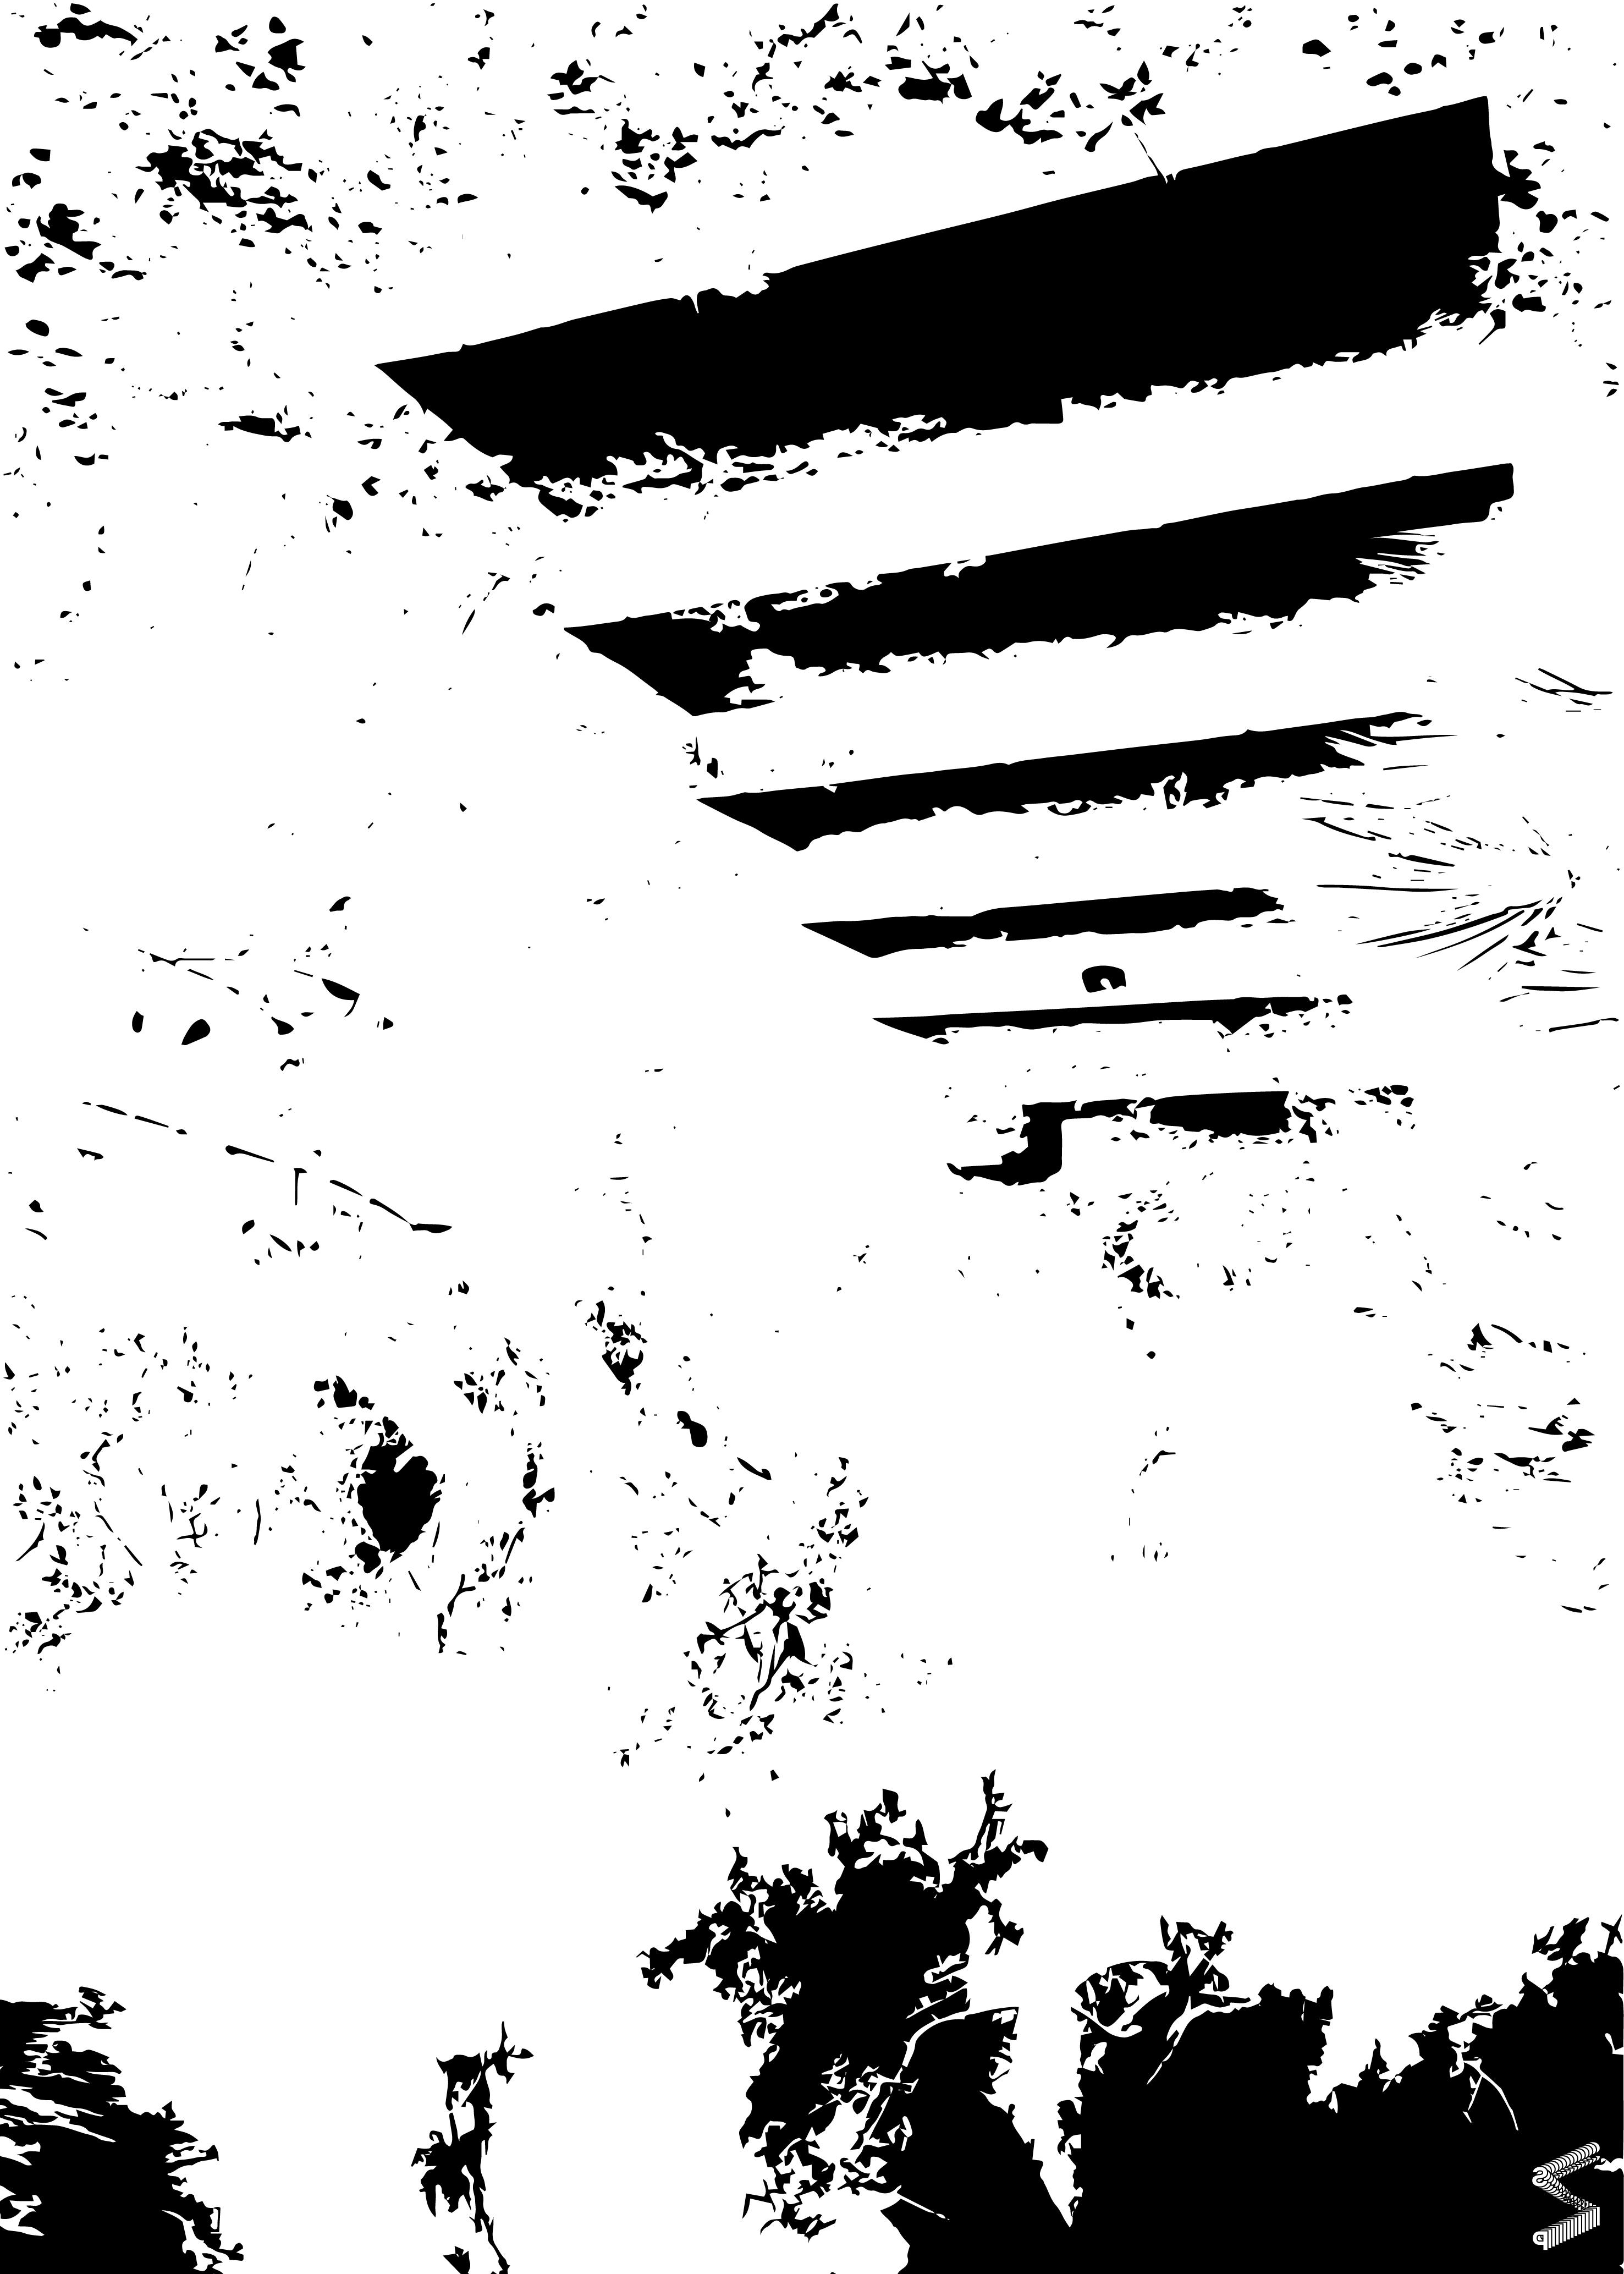 Ink - Stair